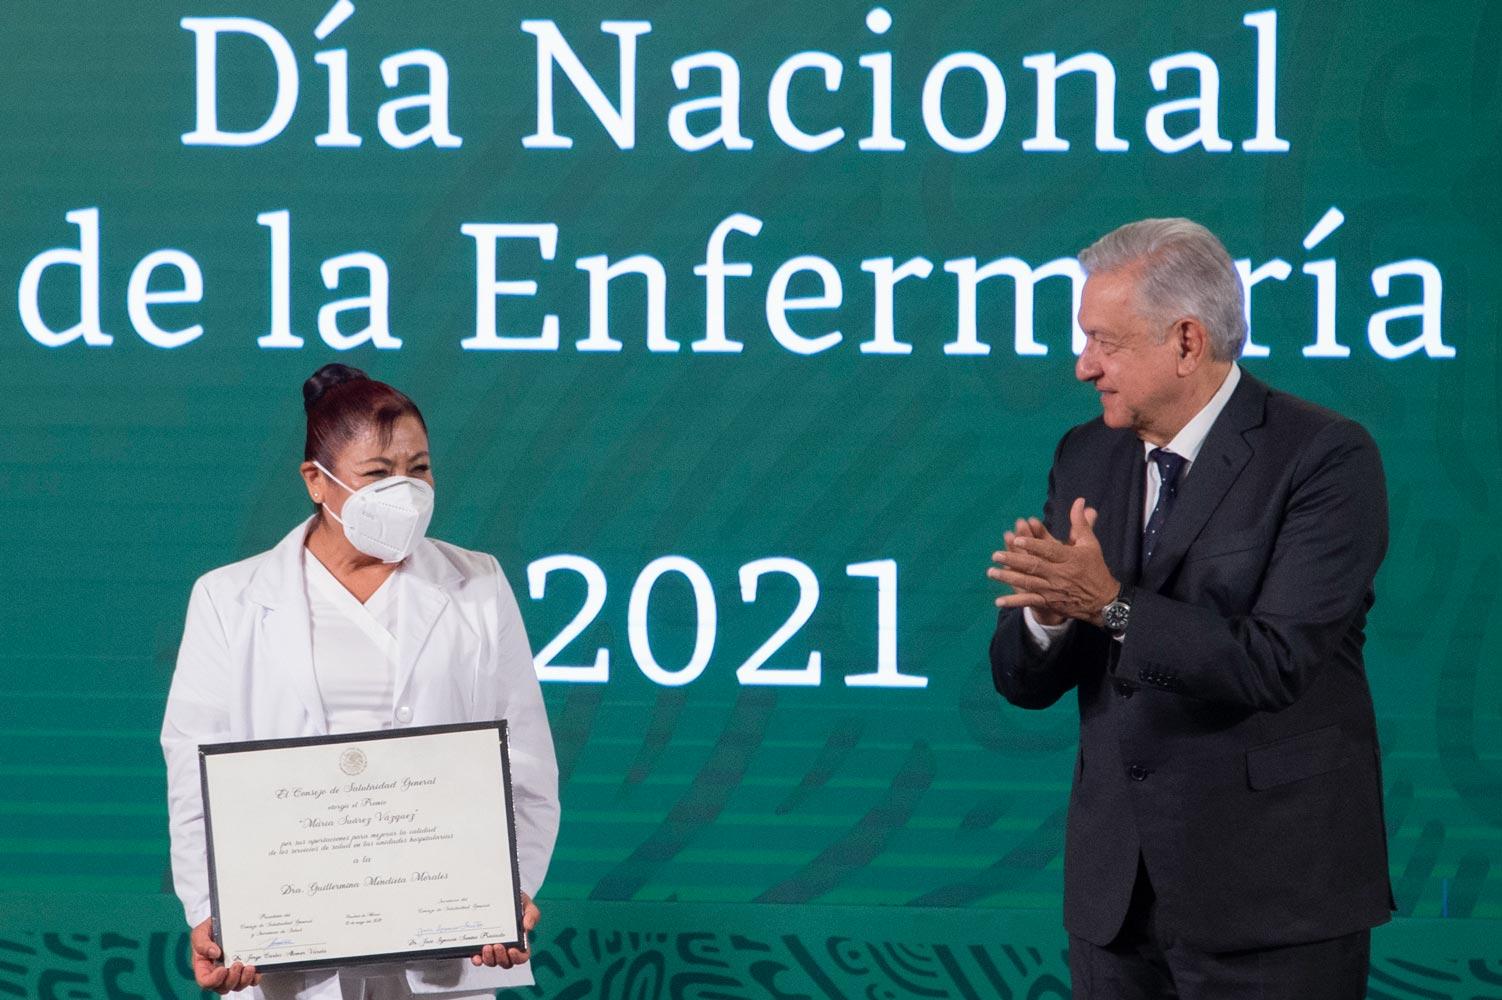 Presidente entrega reconocimientos por el Día Nacional de la Enfermería, su labor ha sido fundamental durante la pandemia, señaló.